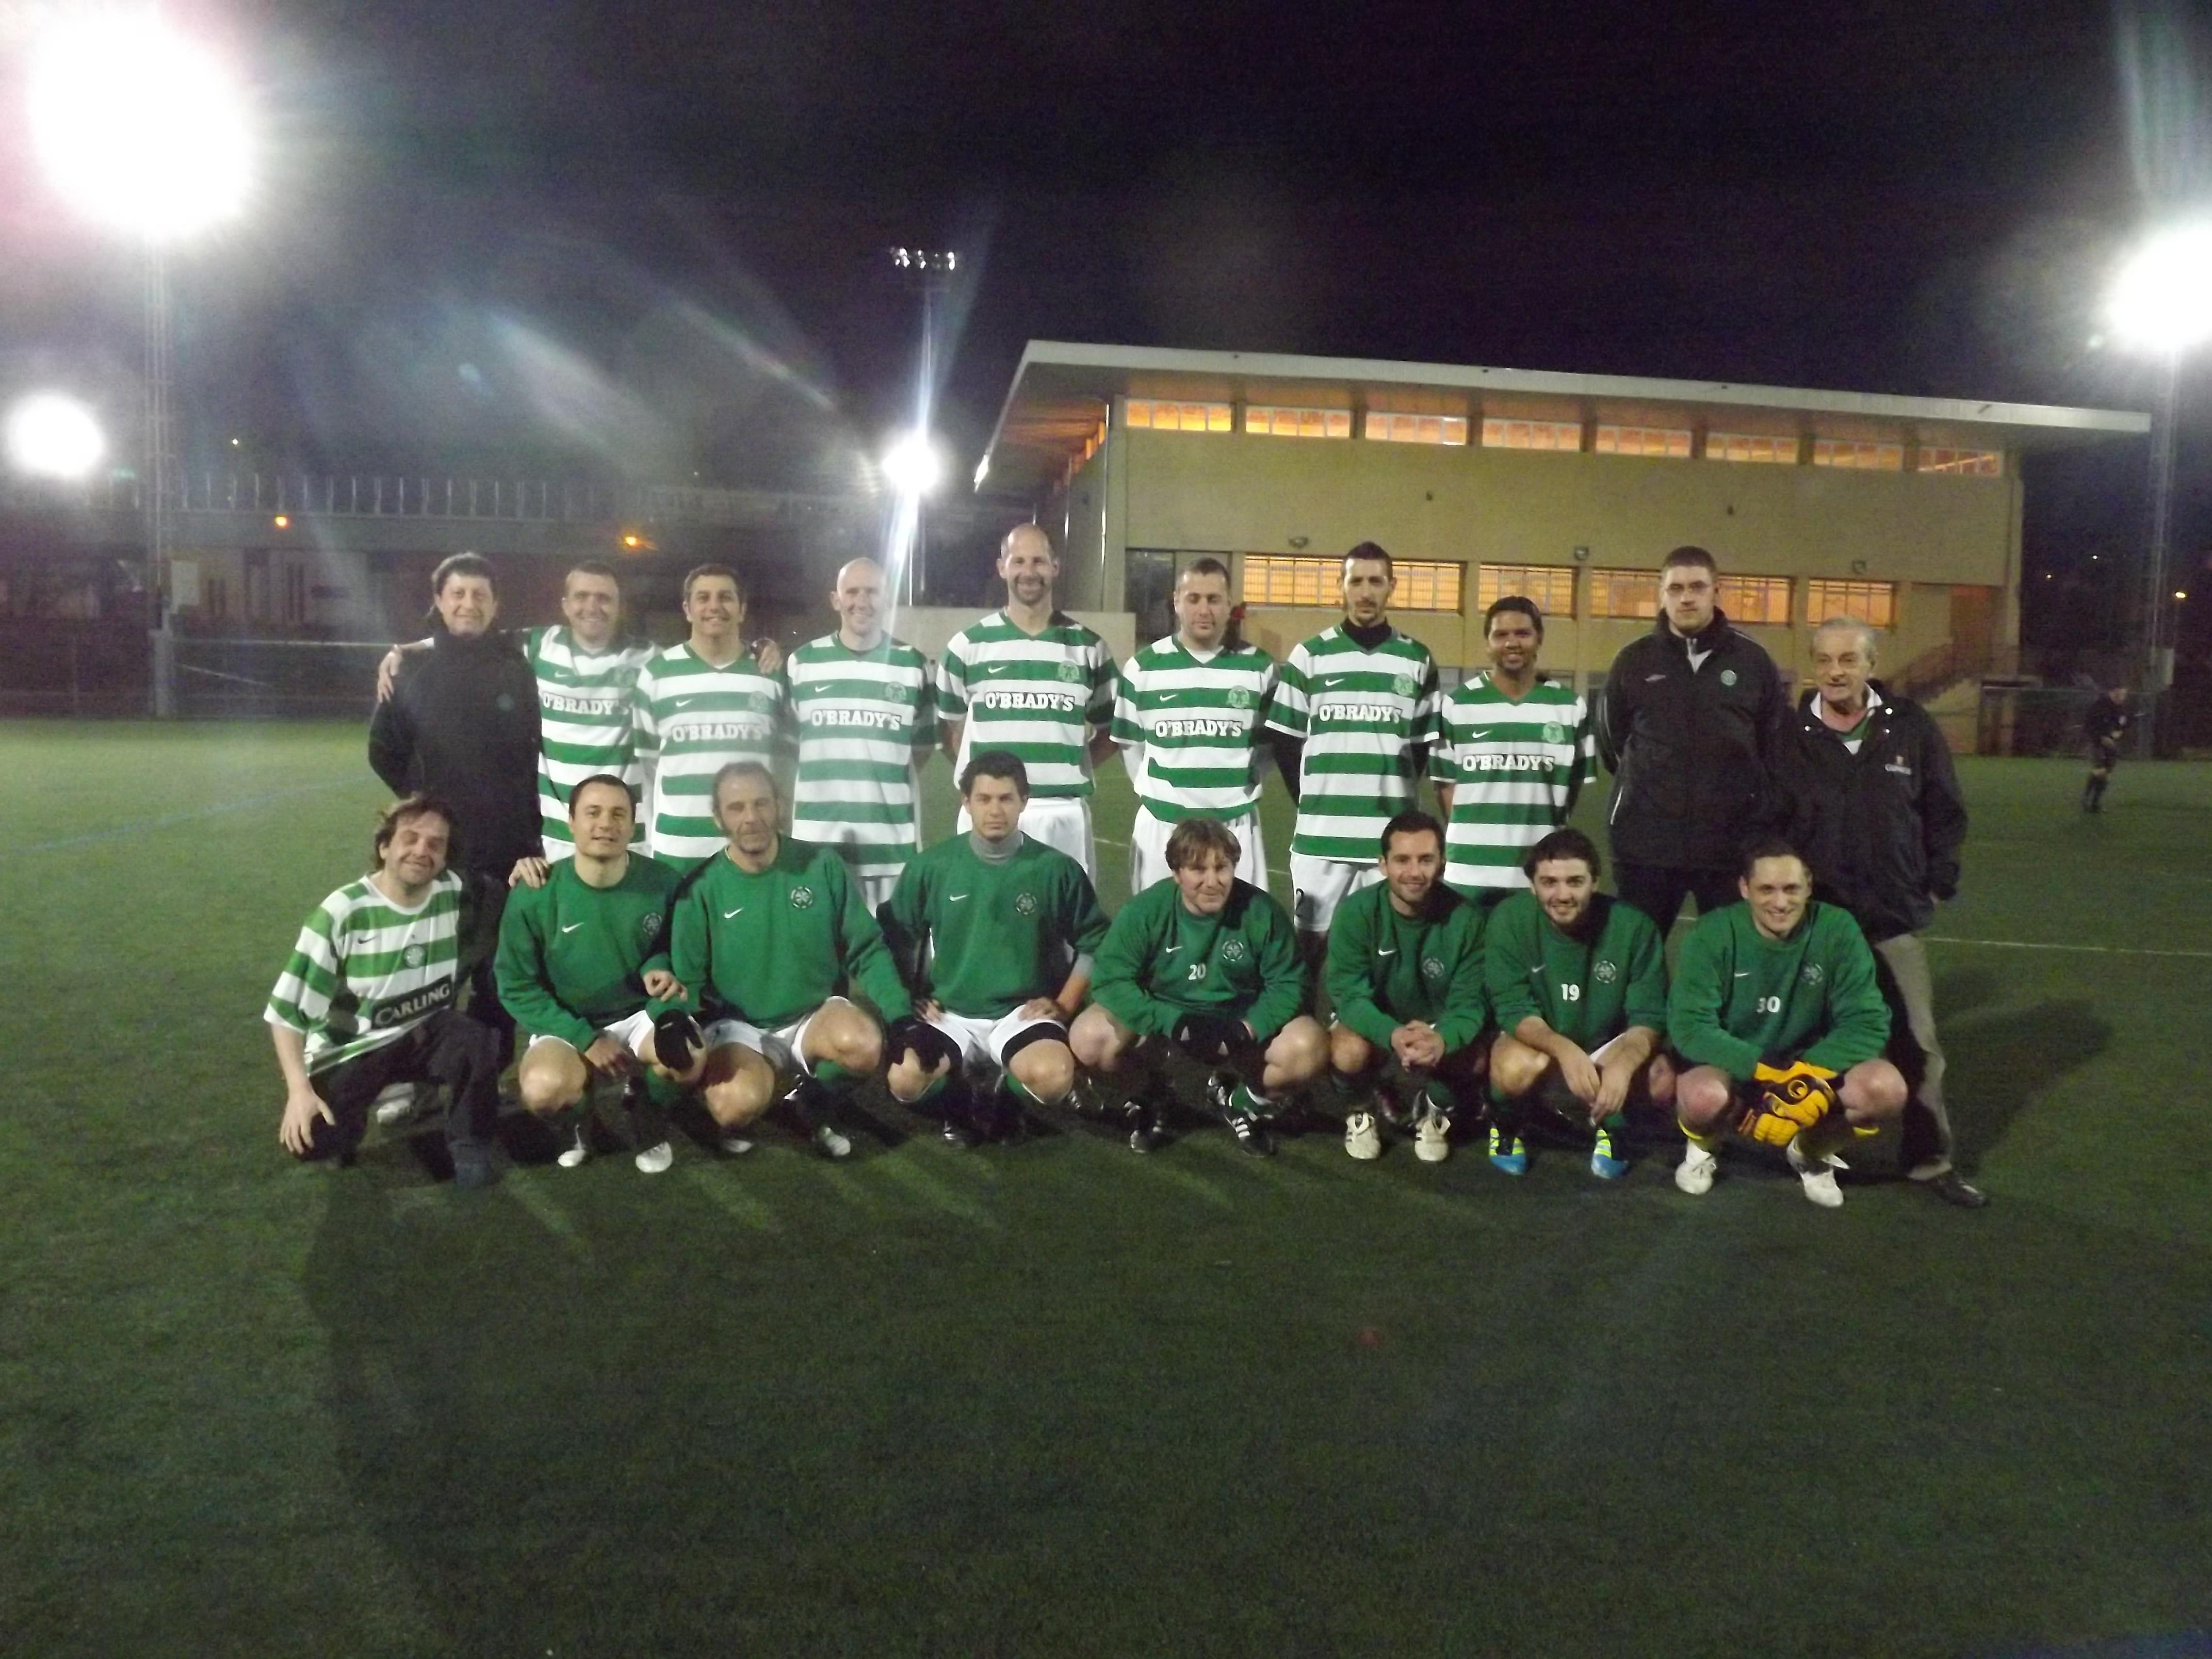 http://www.celtic-irish-club.com/wp-content/uploads/2012/03/CIC-A-AS-Bonne-étoile-8eme-coupe-comité-201112.jpg